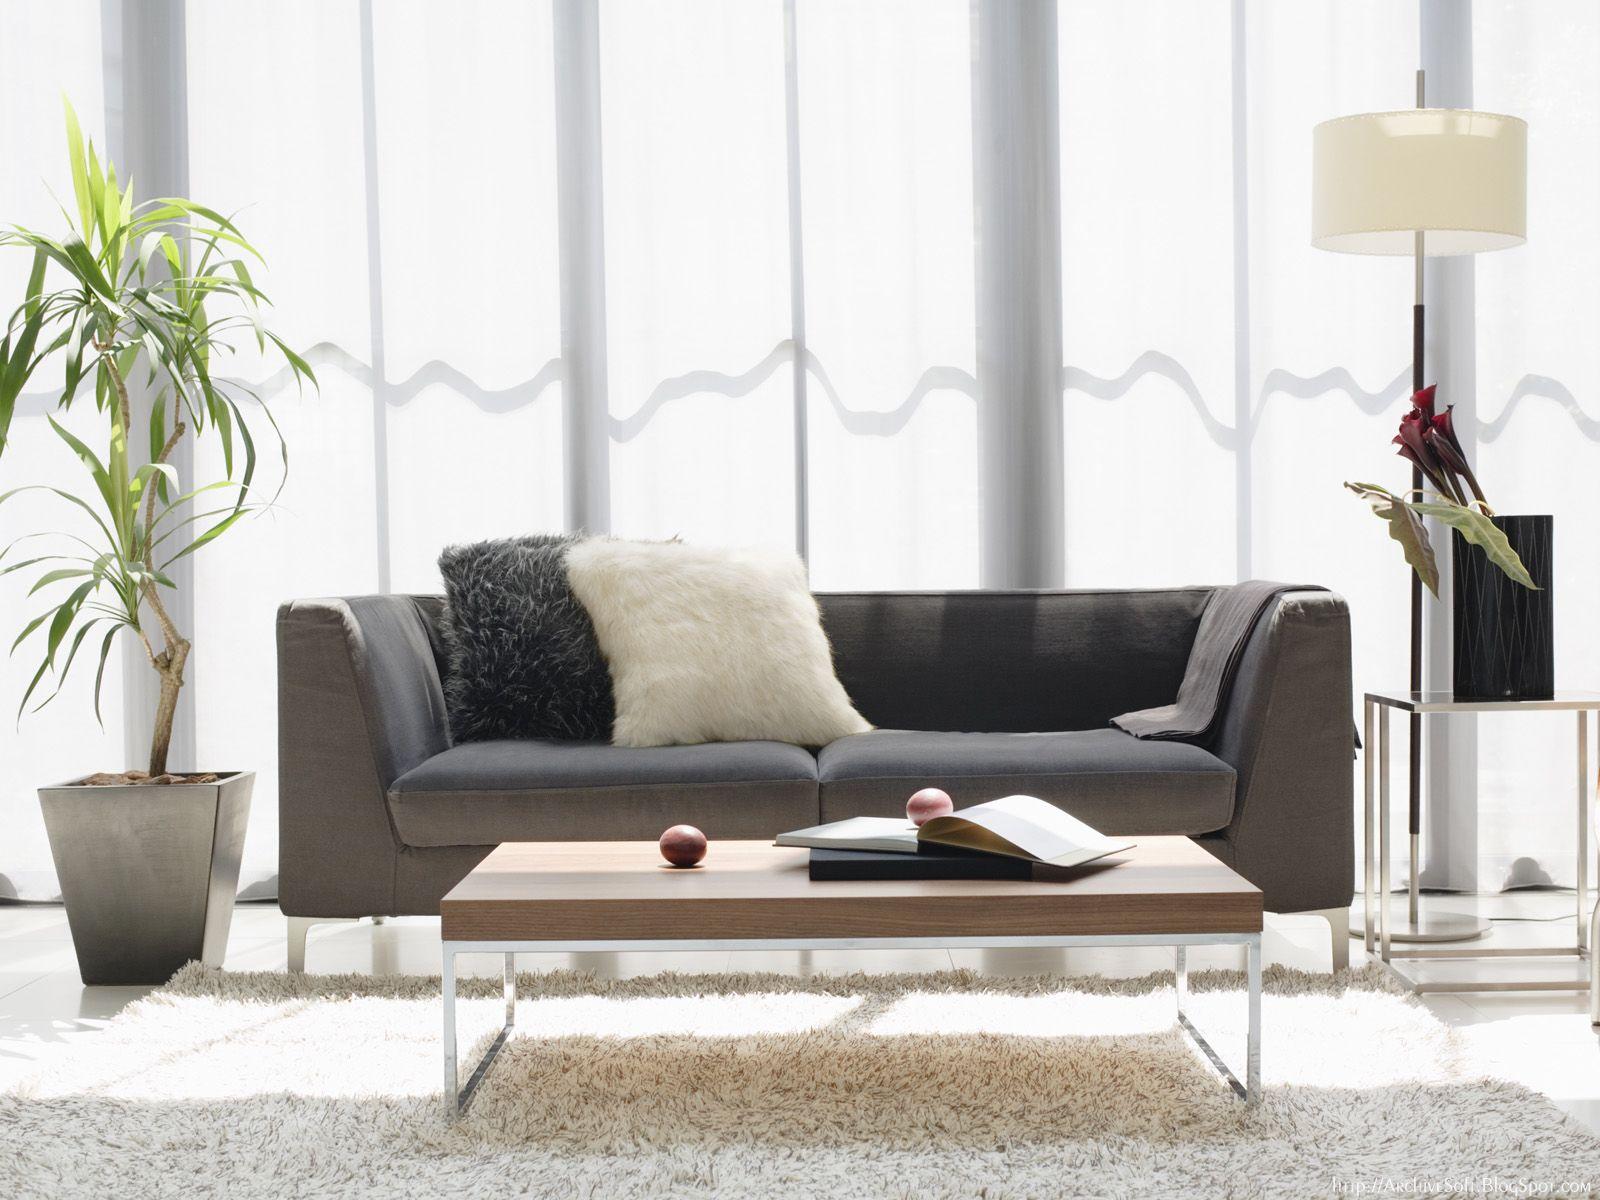 Wallpaper Interior Design Pictures photo - 10